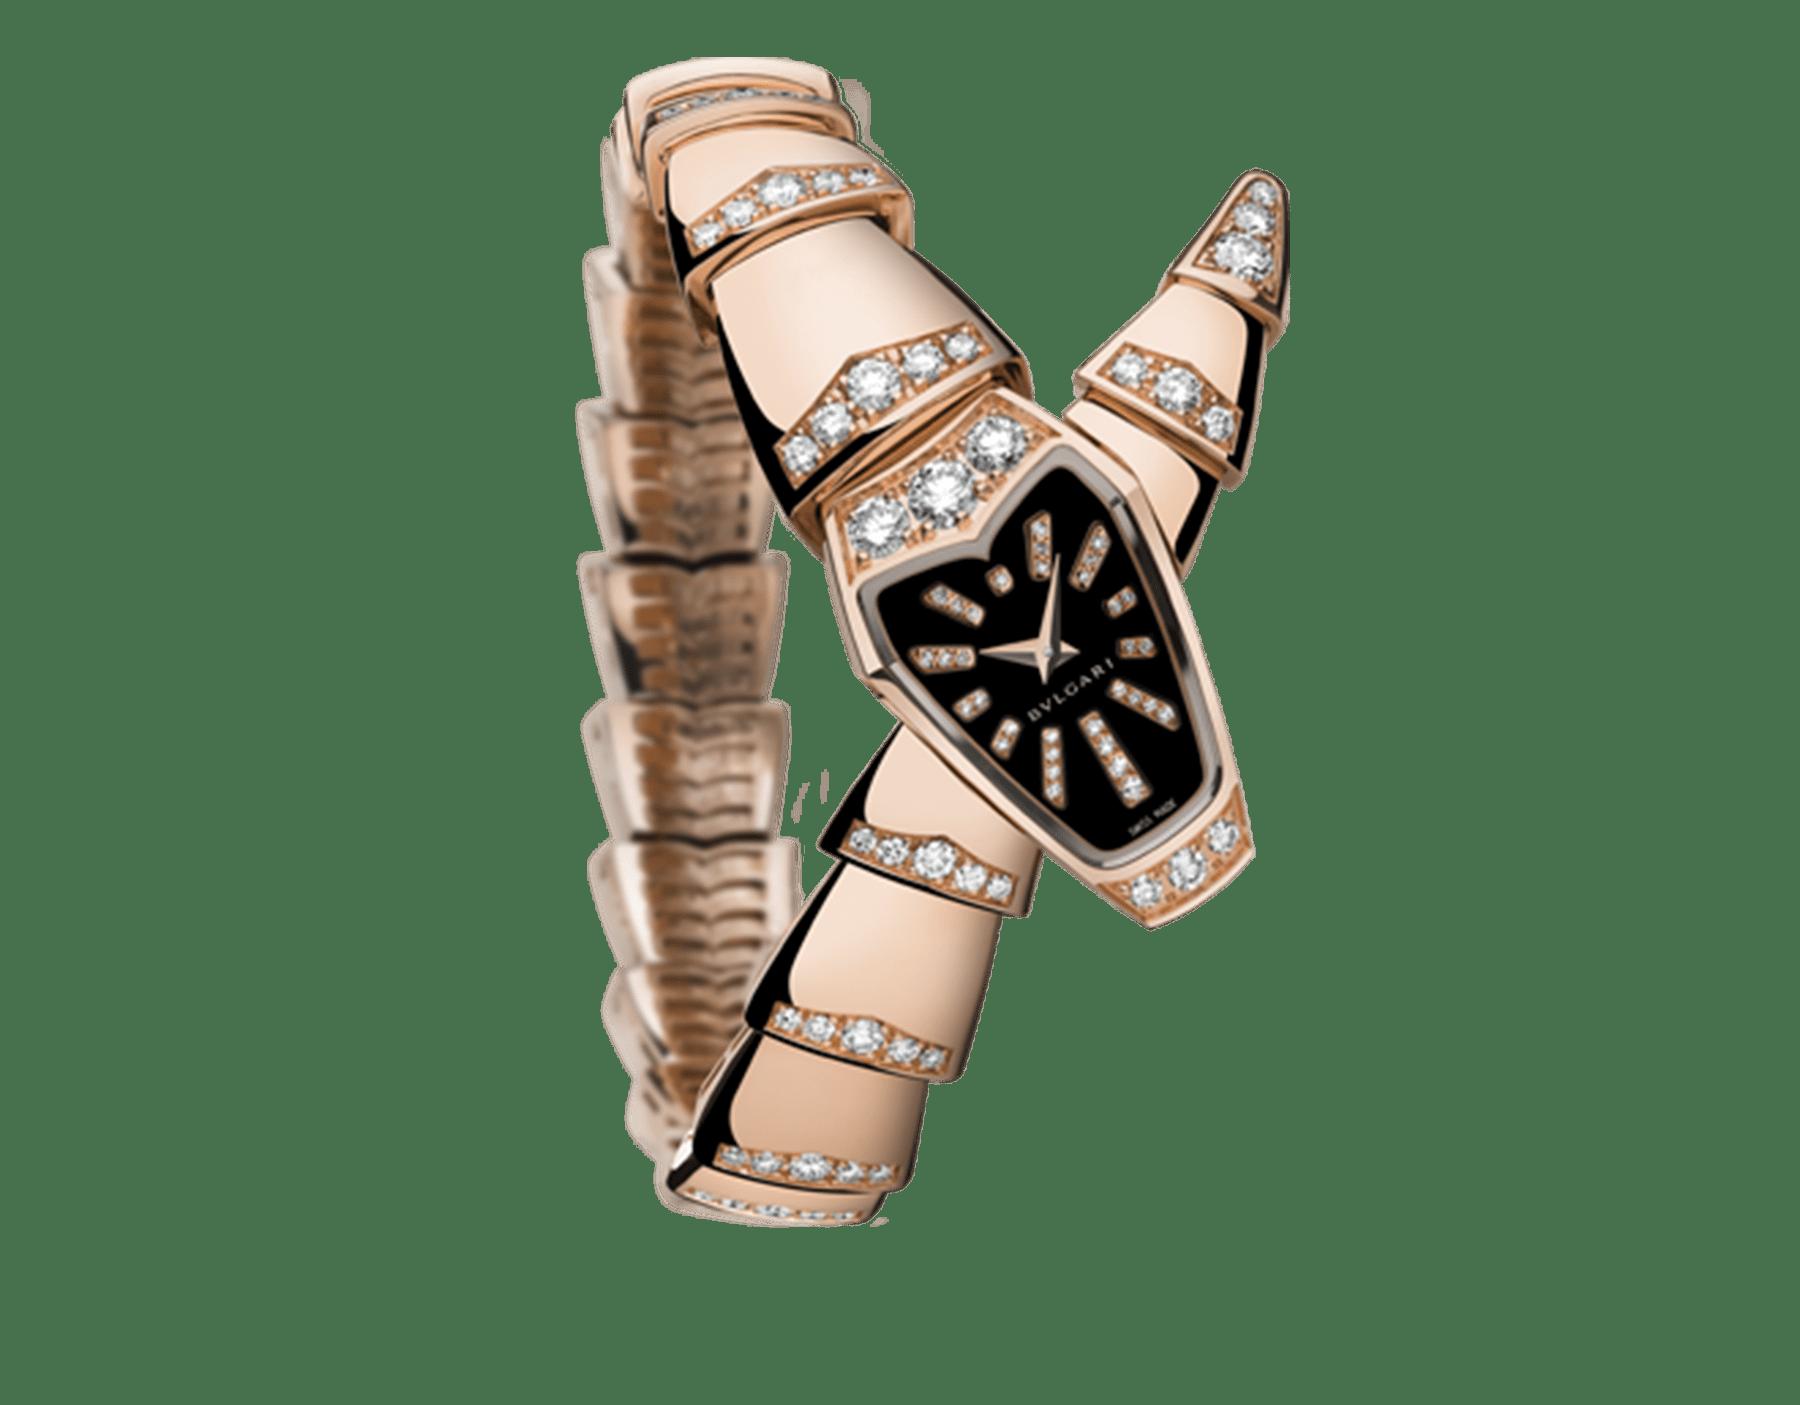 Serpenti Schmuckuhr mit Gehäuse aus 18Karat Roségold und einfach geschwungenem Armband, beide mit Diamanten im Brillantschliff besetzt, schwarzem Saphirglaszifferblatt und Diamantindizes im Brillantschliff. 102344 image 1